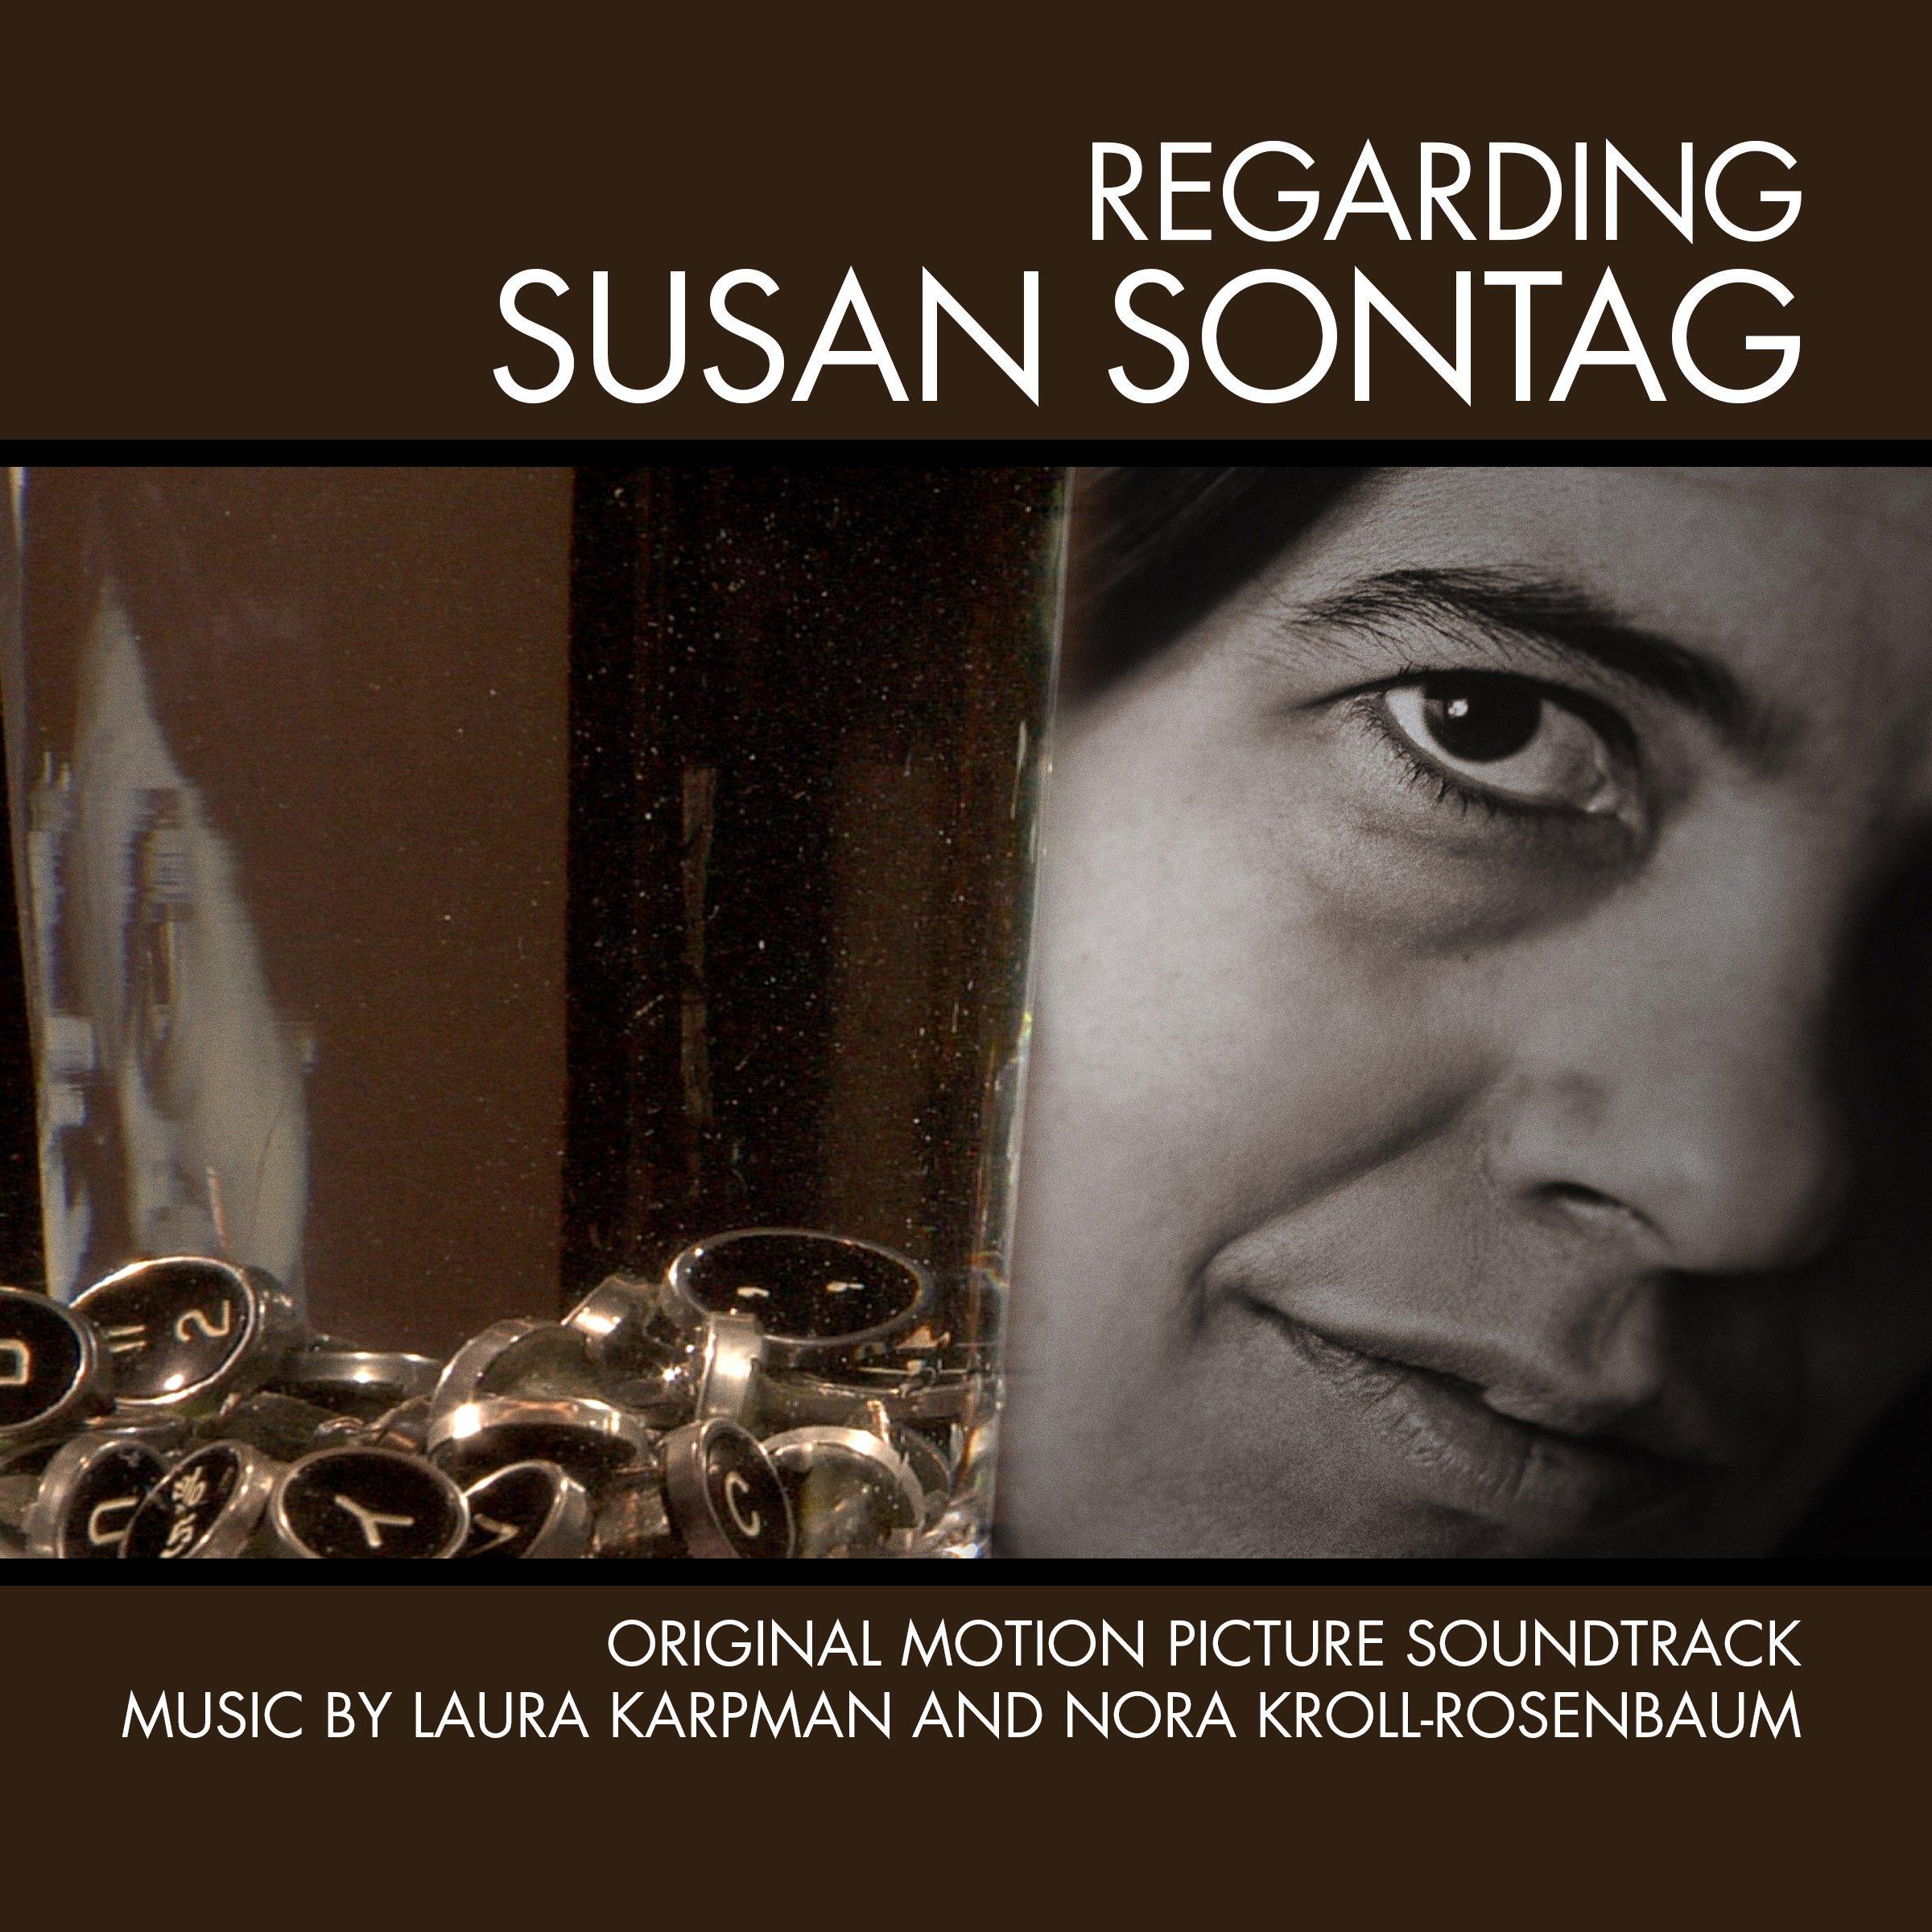 CD : VARIOUS ARTISTS - Regarding Susan Sontag (original Soundtrack) (CD)